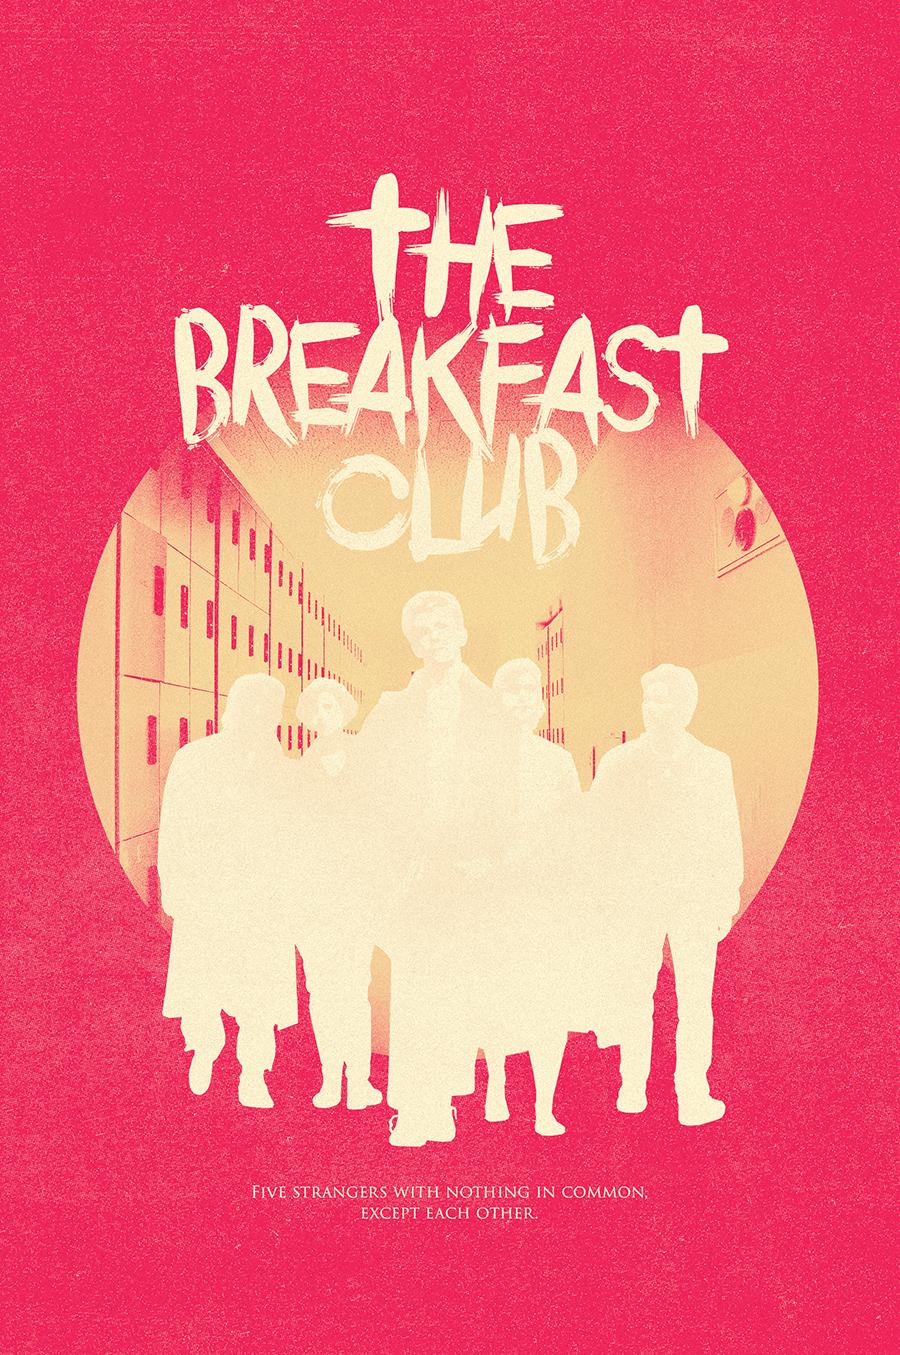 The Breakfast Club - PosterSpy